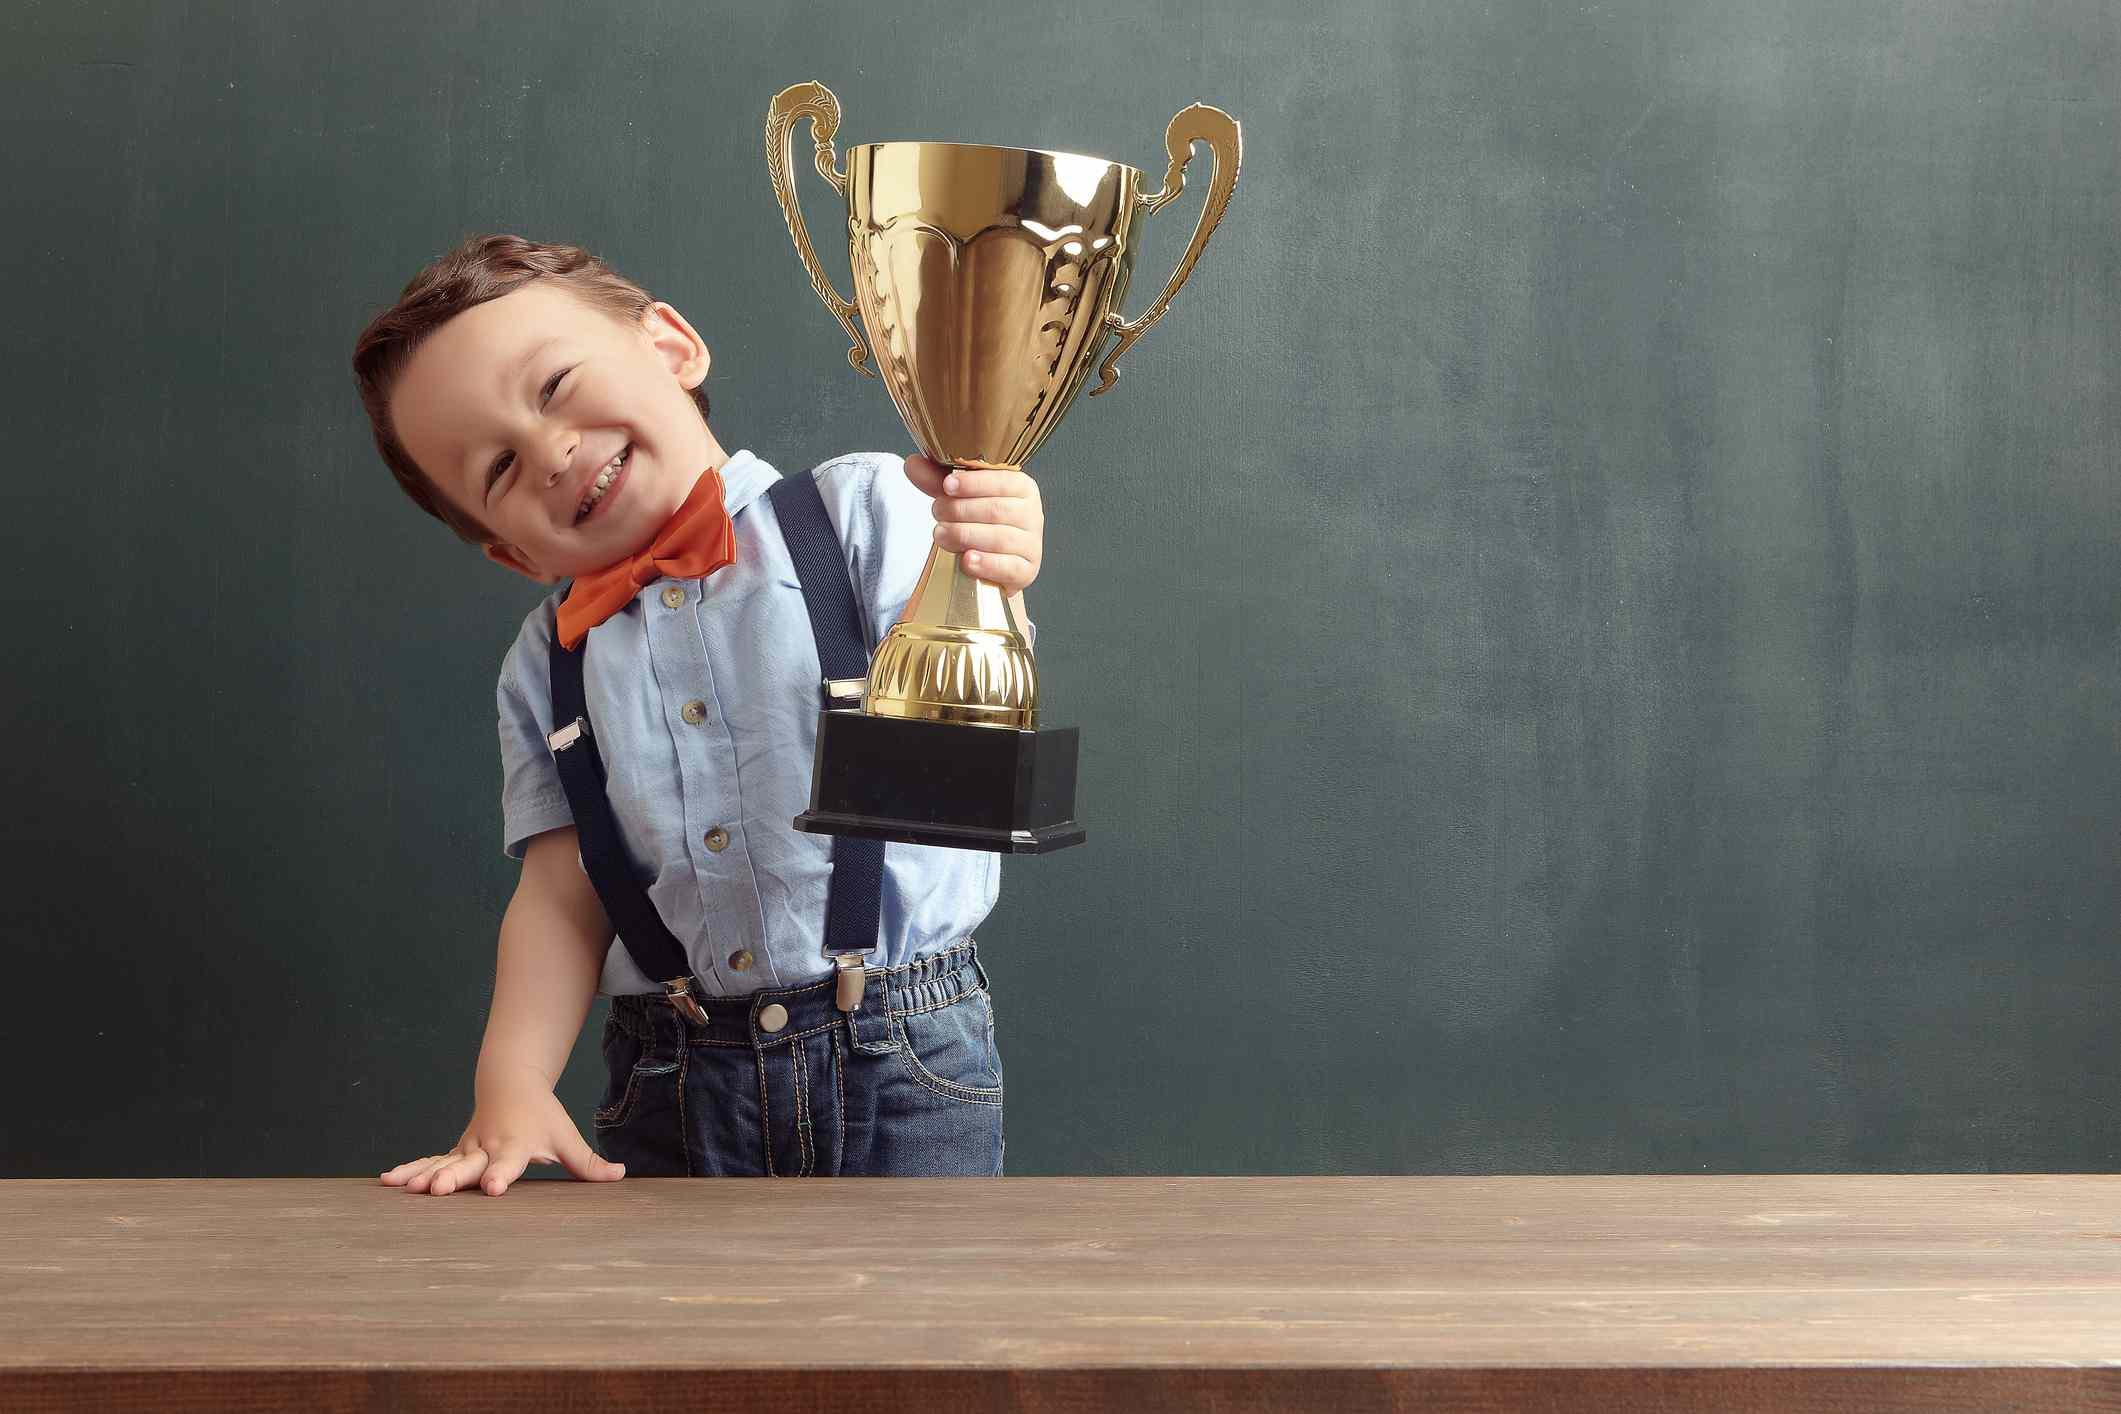 Little boy raising a golden trophy